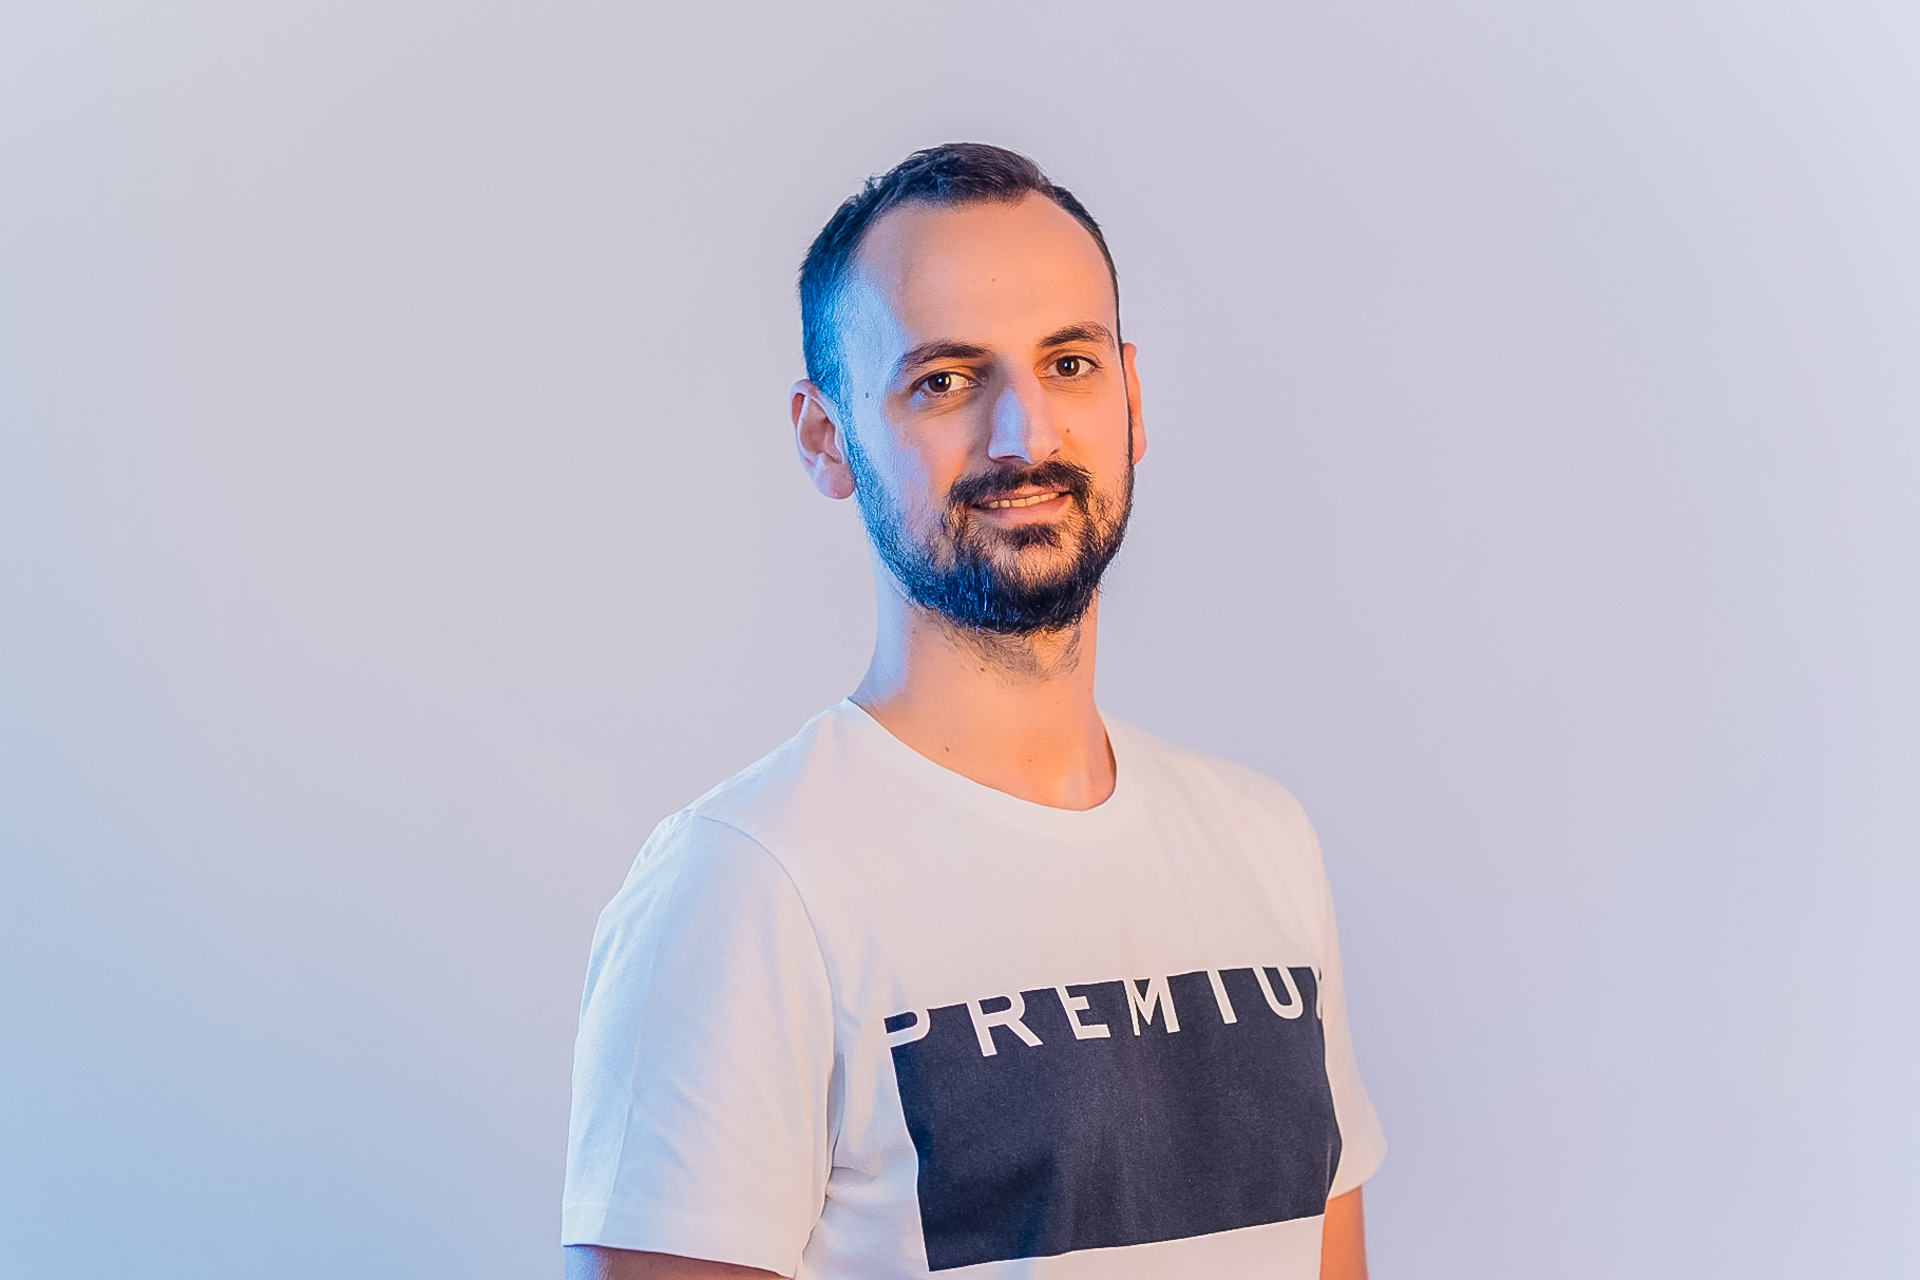 Interviu cu Robert Katai despre digital marketing, disciplină și familie